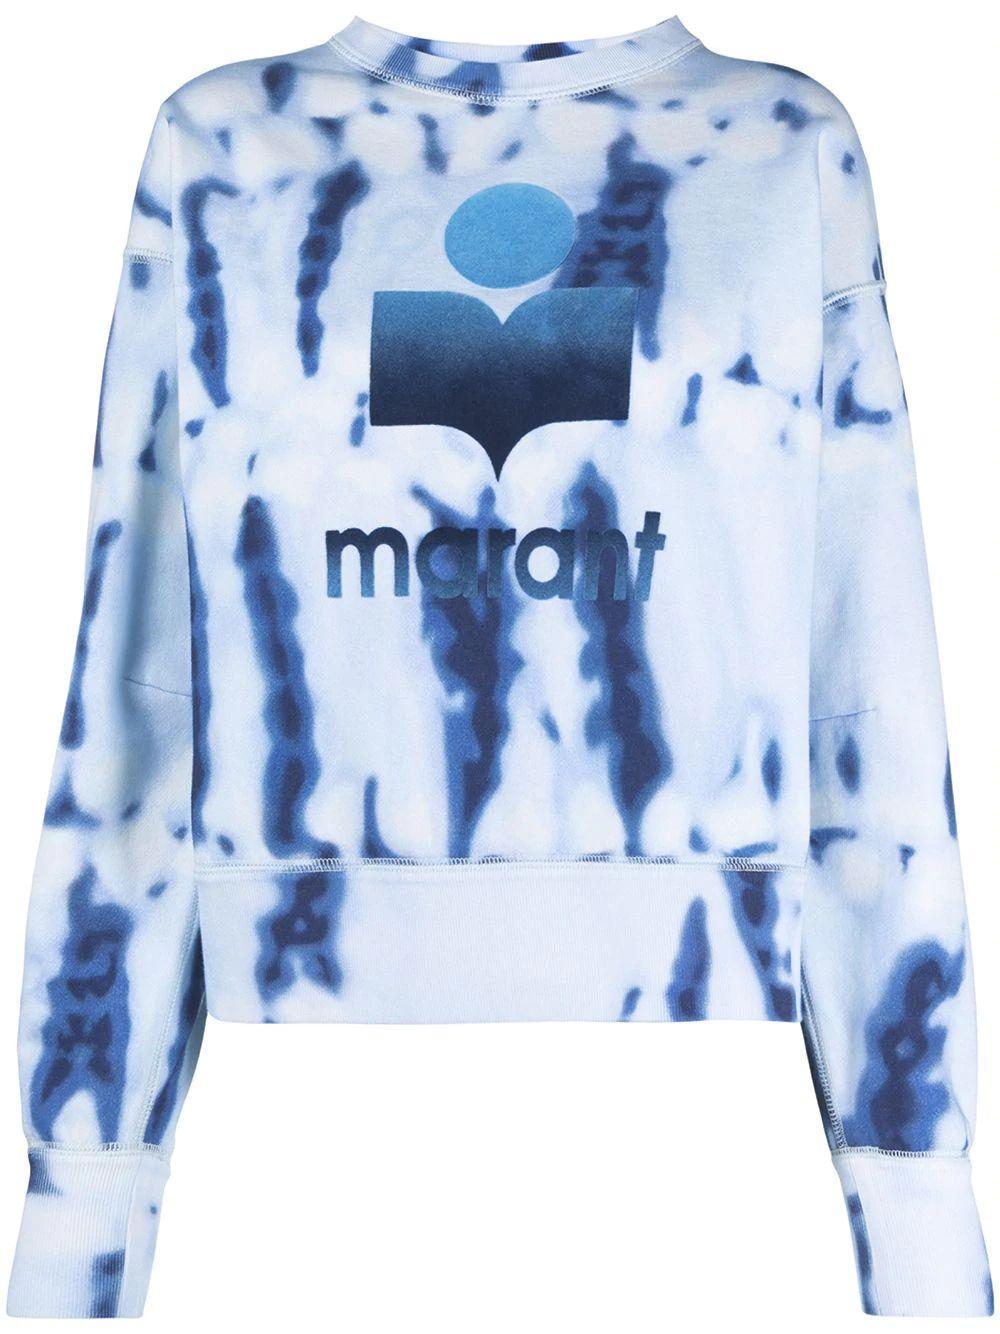 Mobyli Tie Dye Sweatshirt